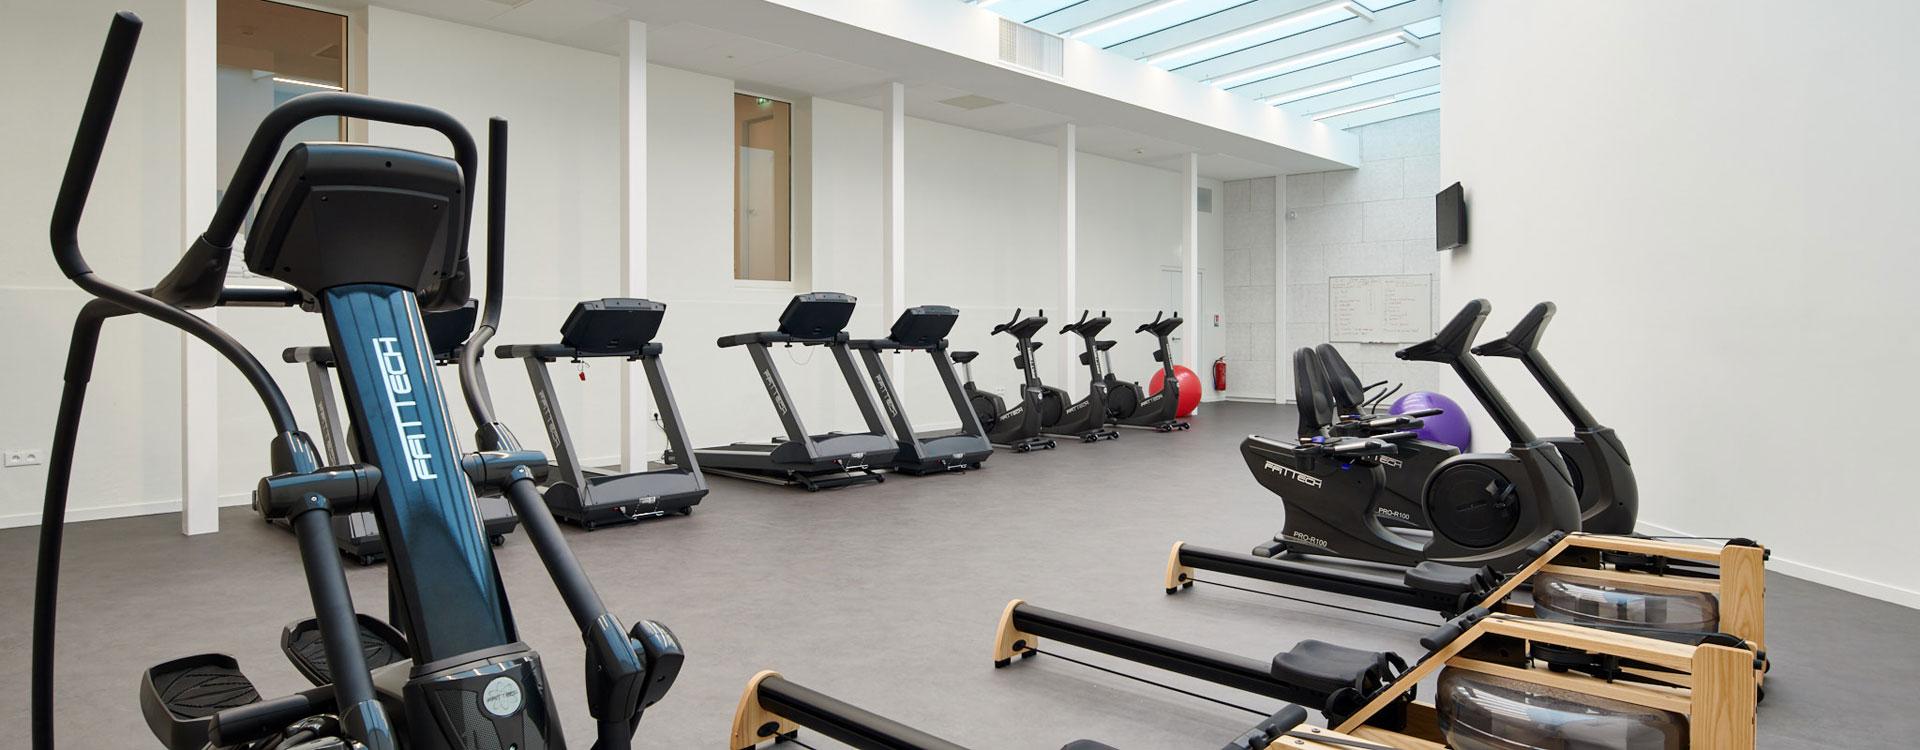 splendid spa dax - espace fitness